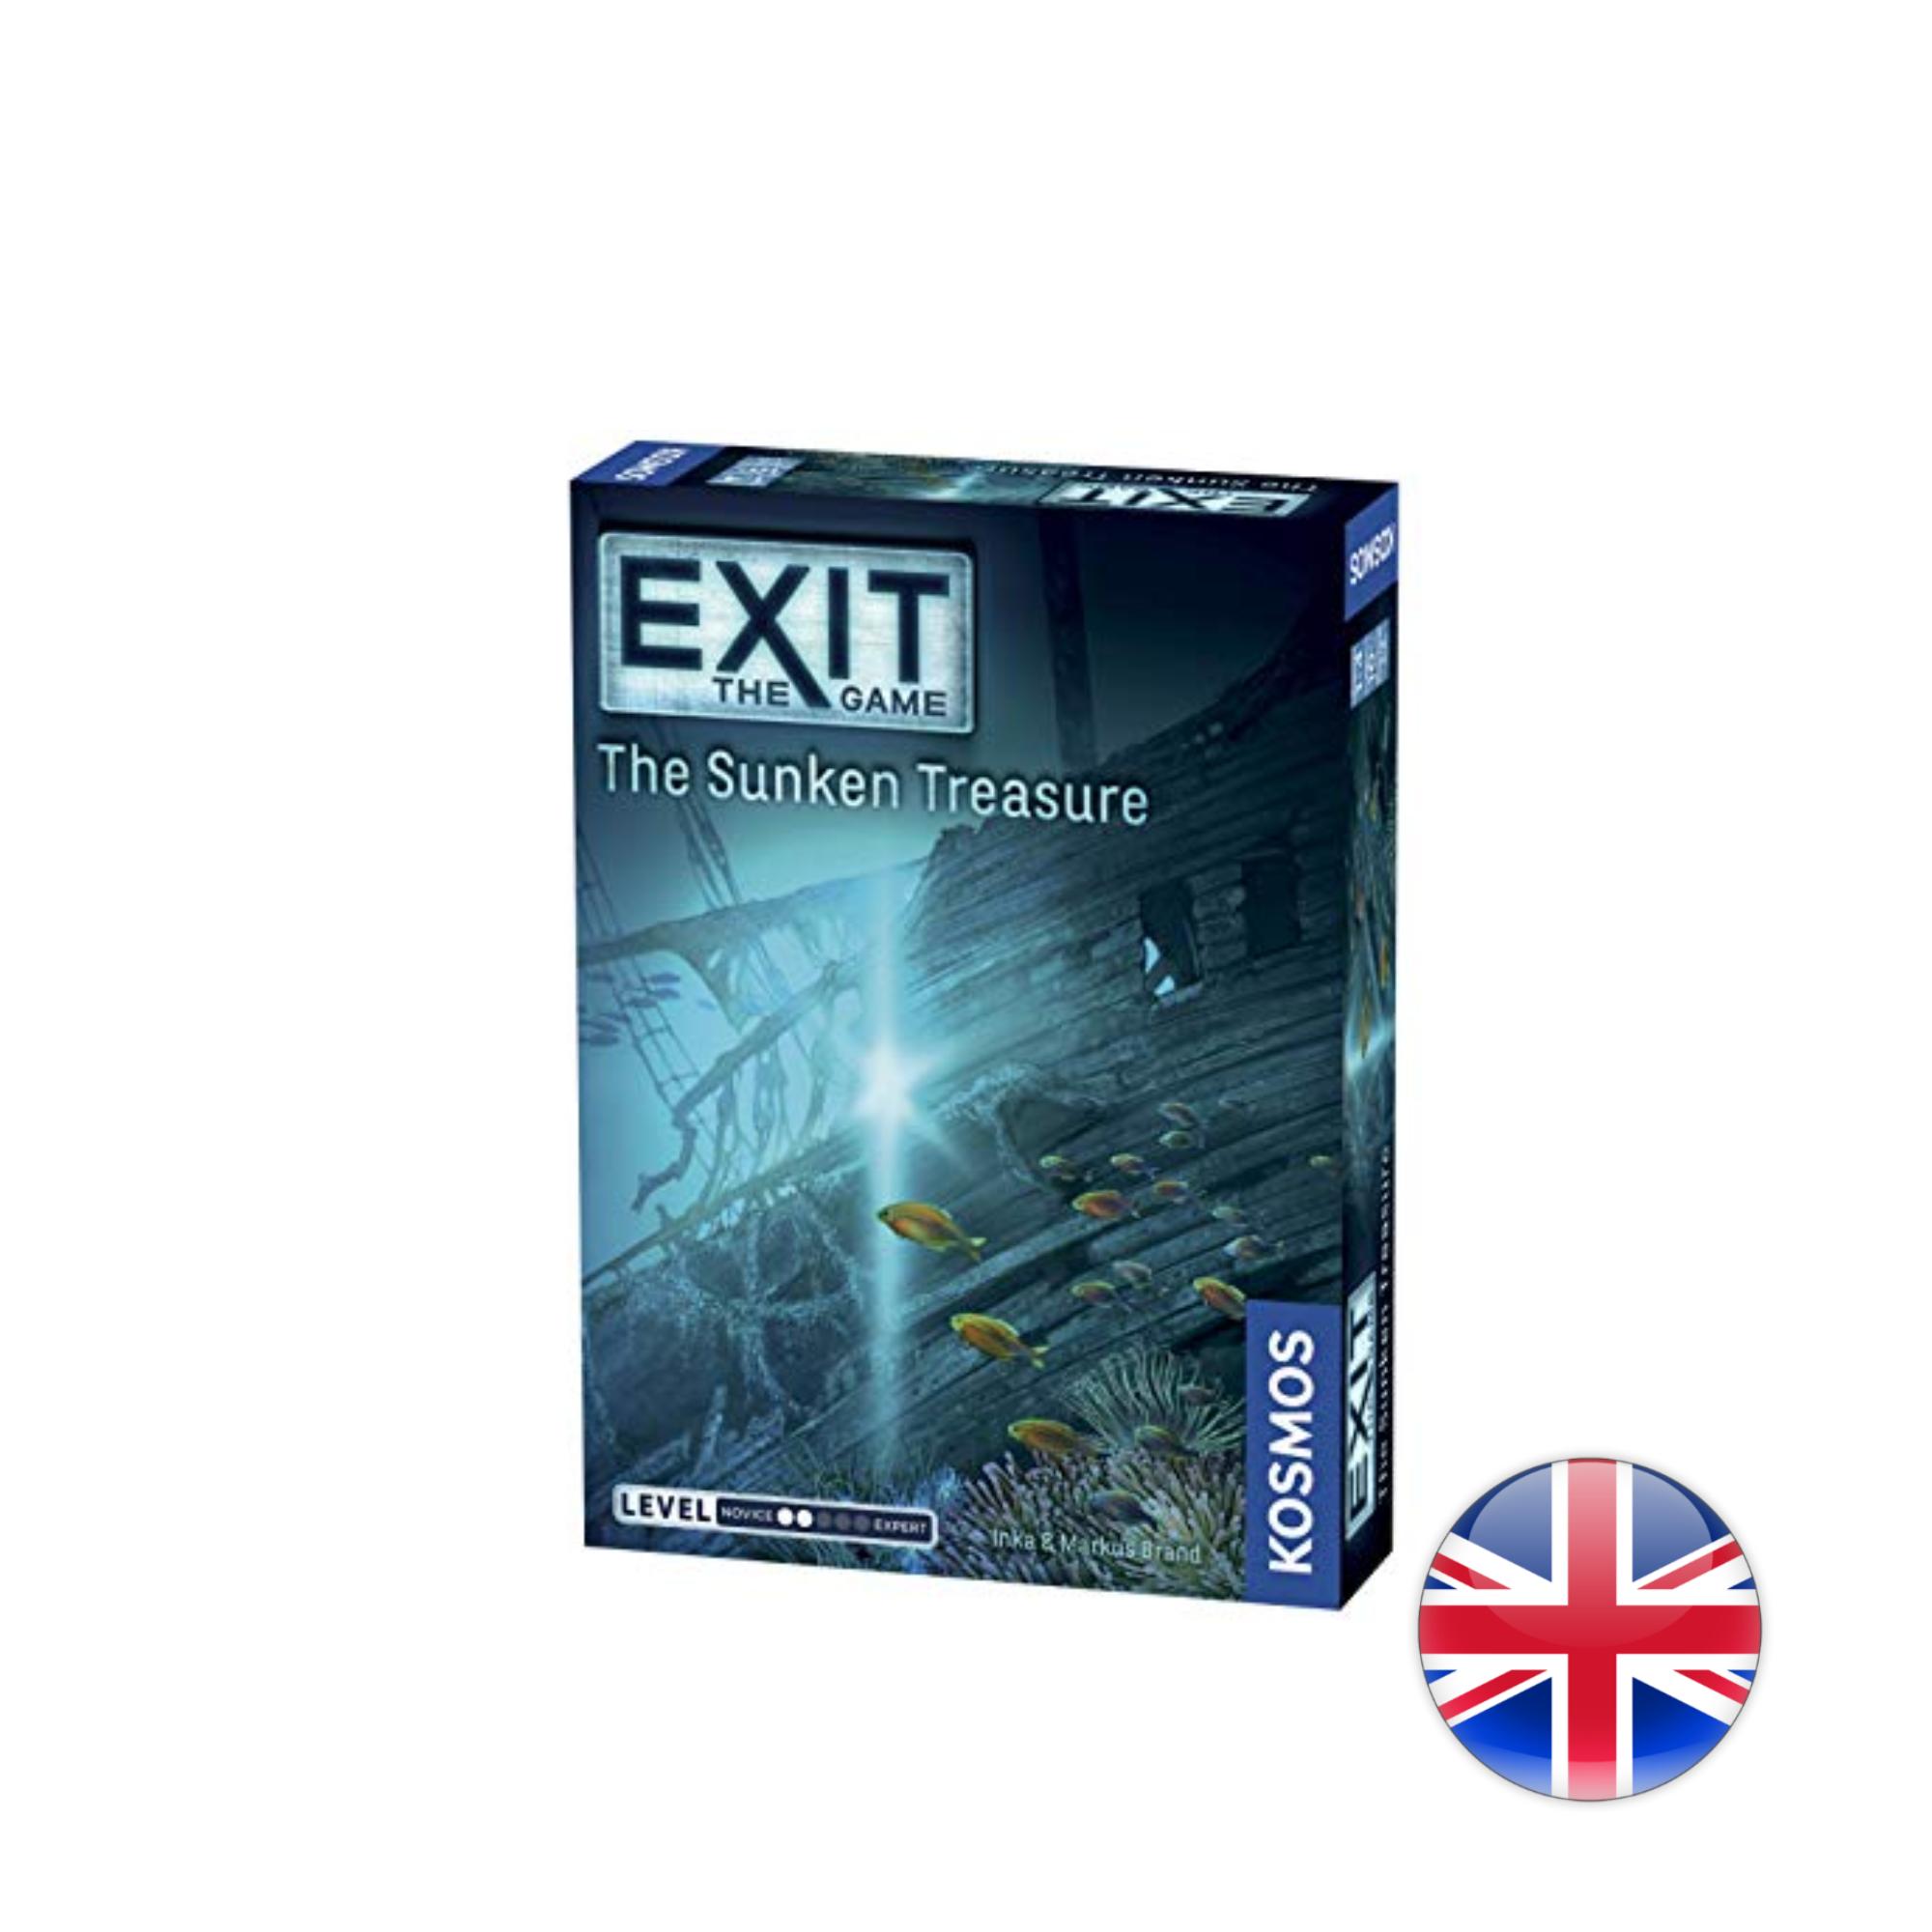 Exit : The Sunken Treasure